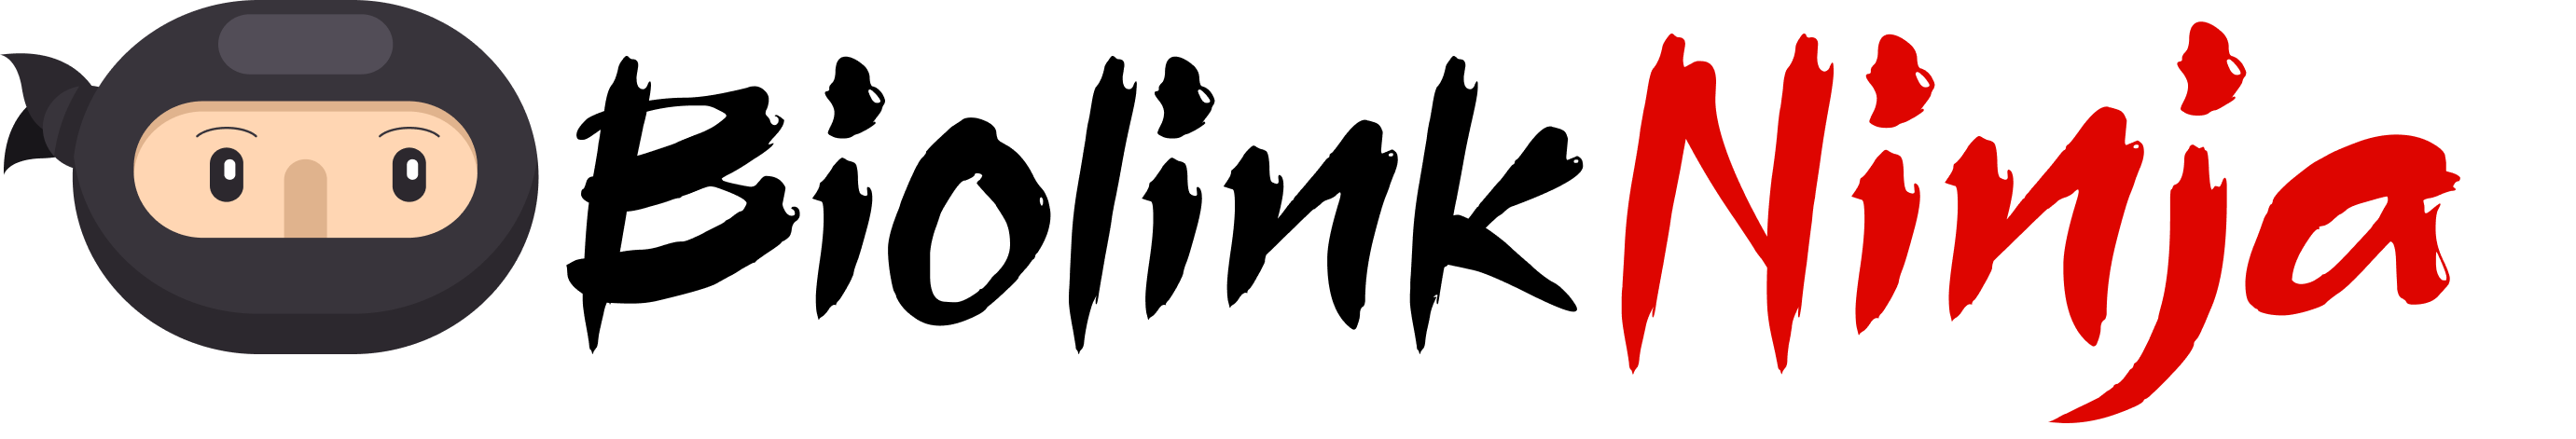 biolink-ninja